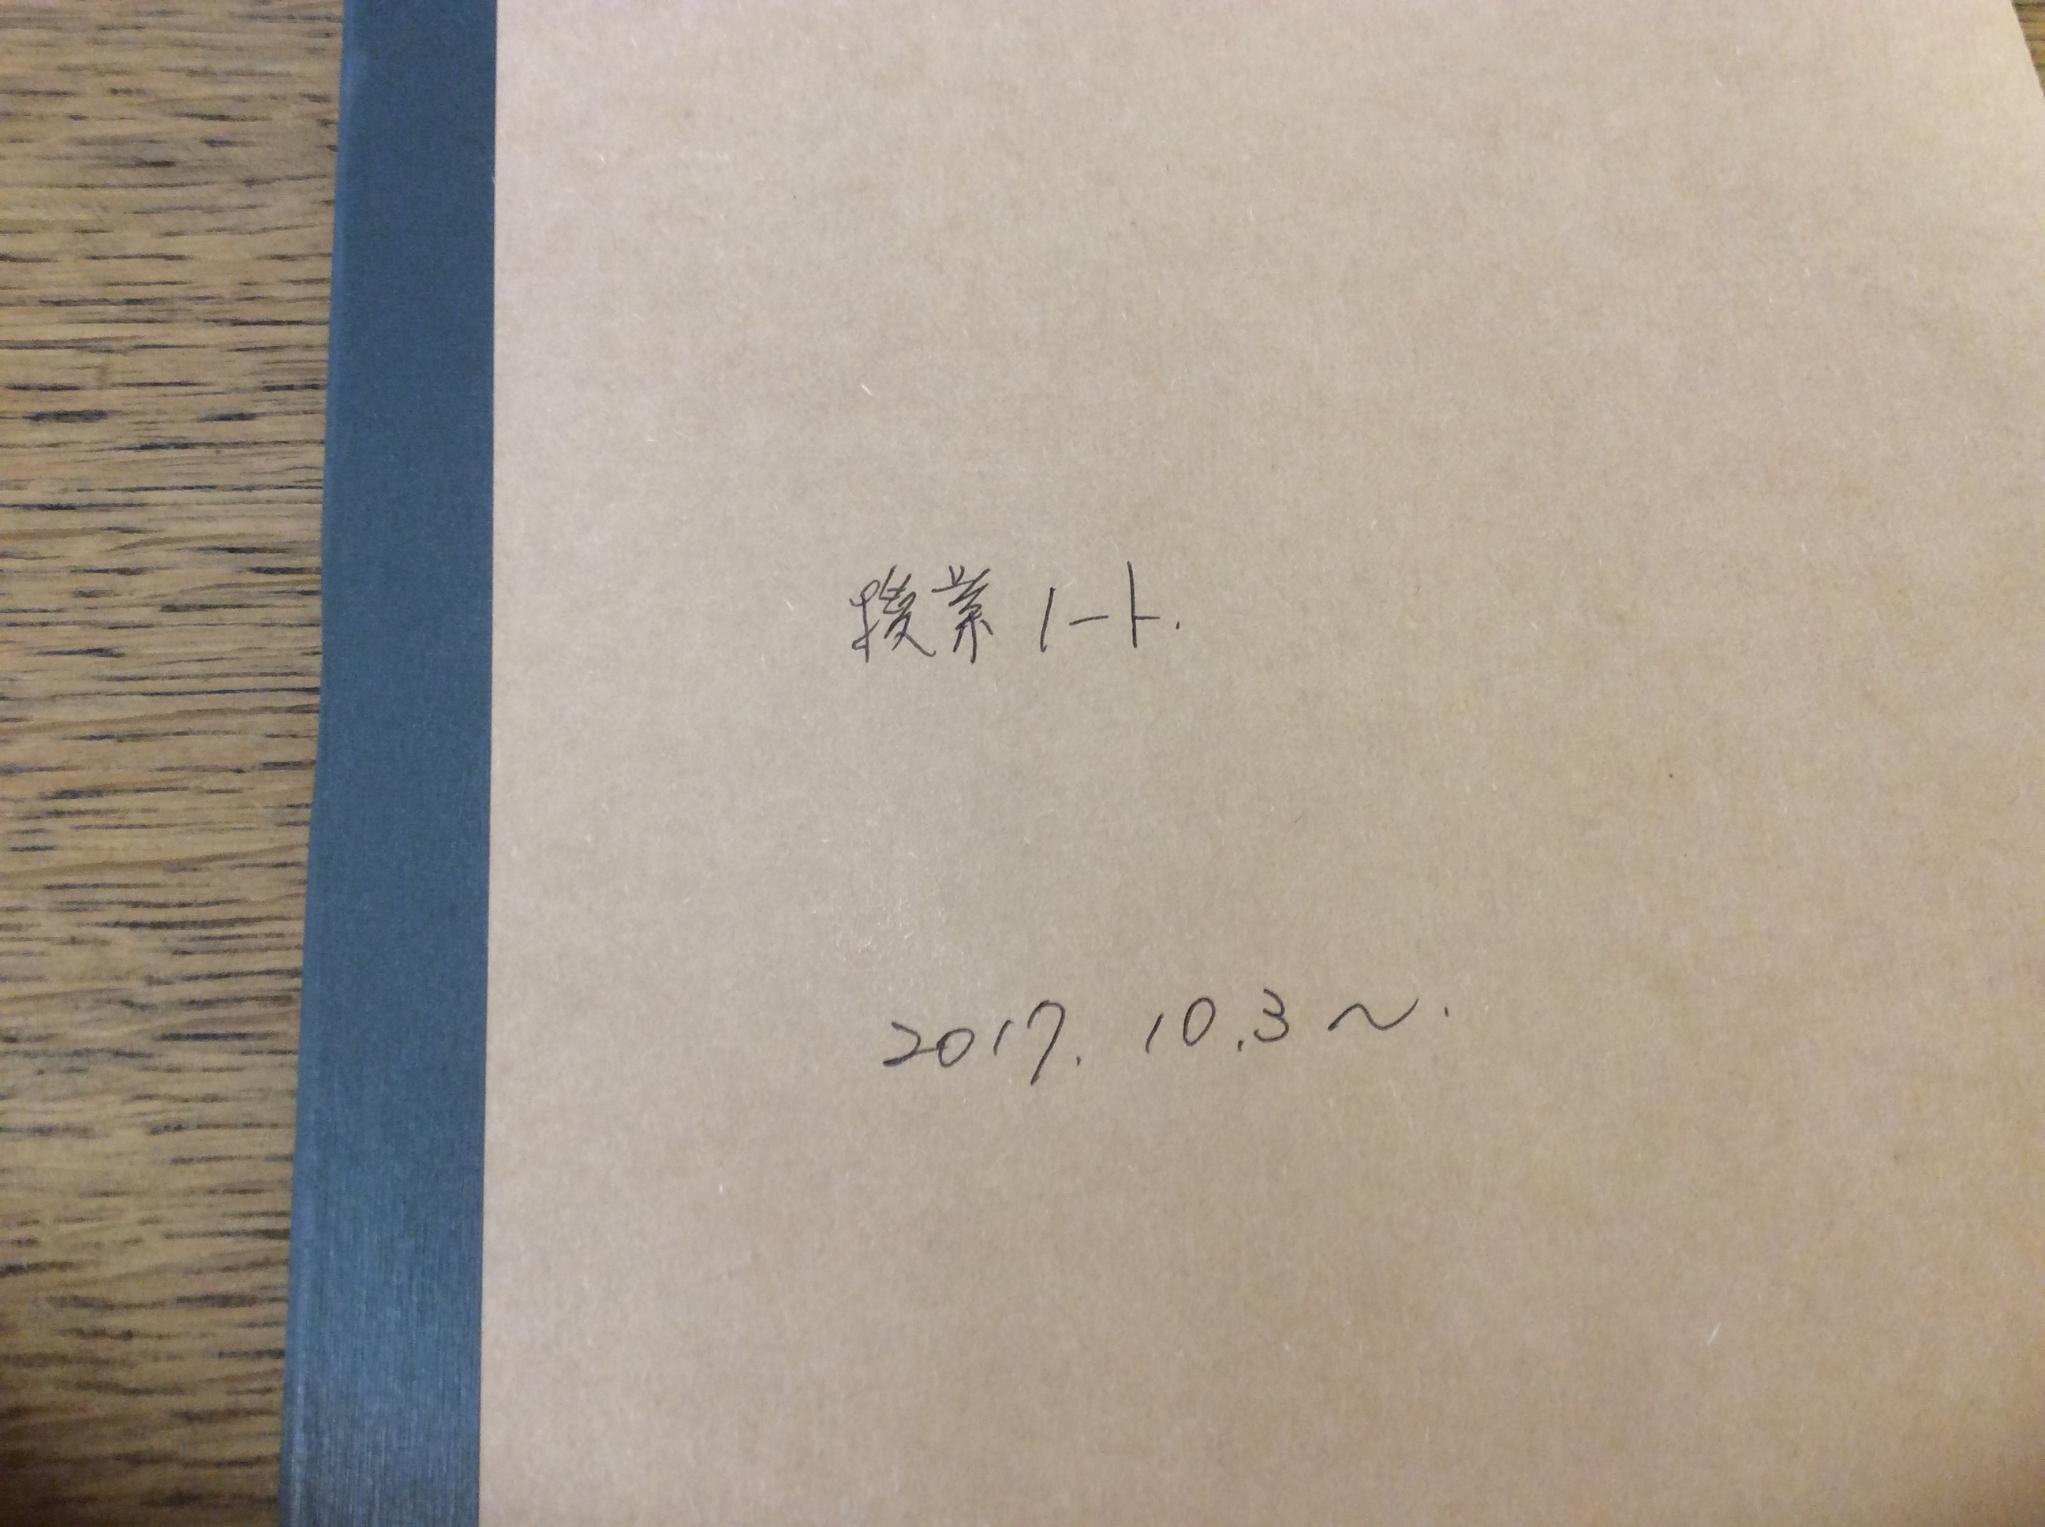 0000524229.jpg